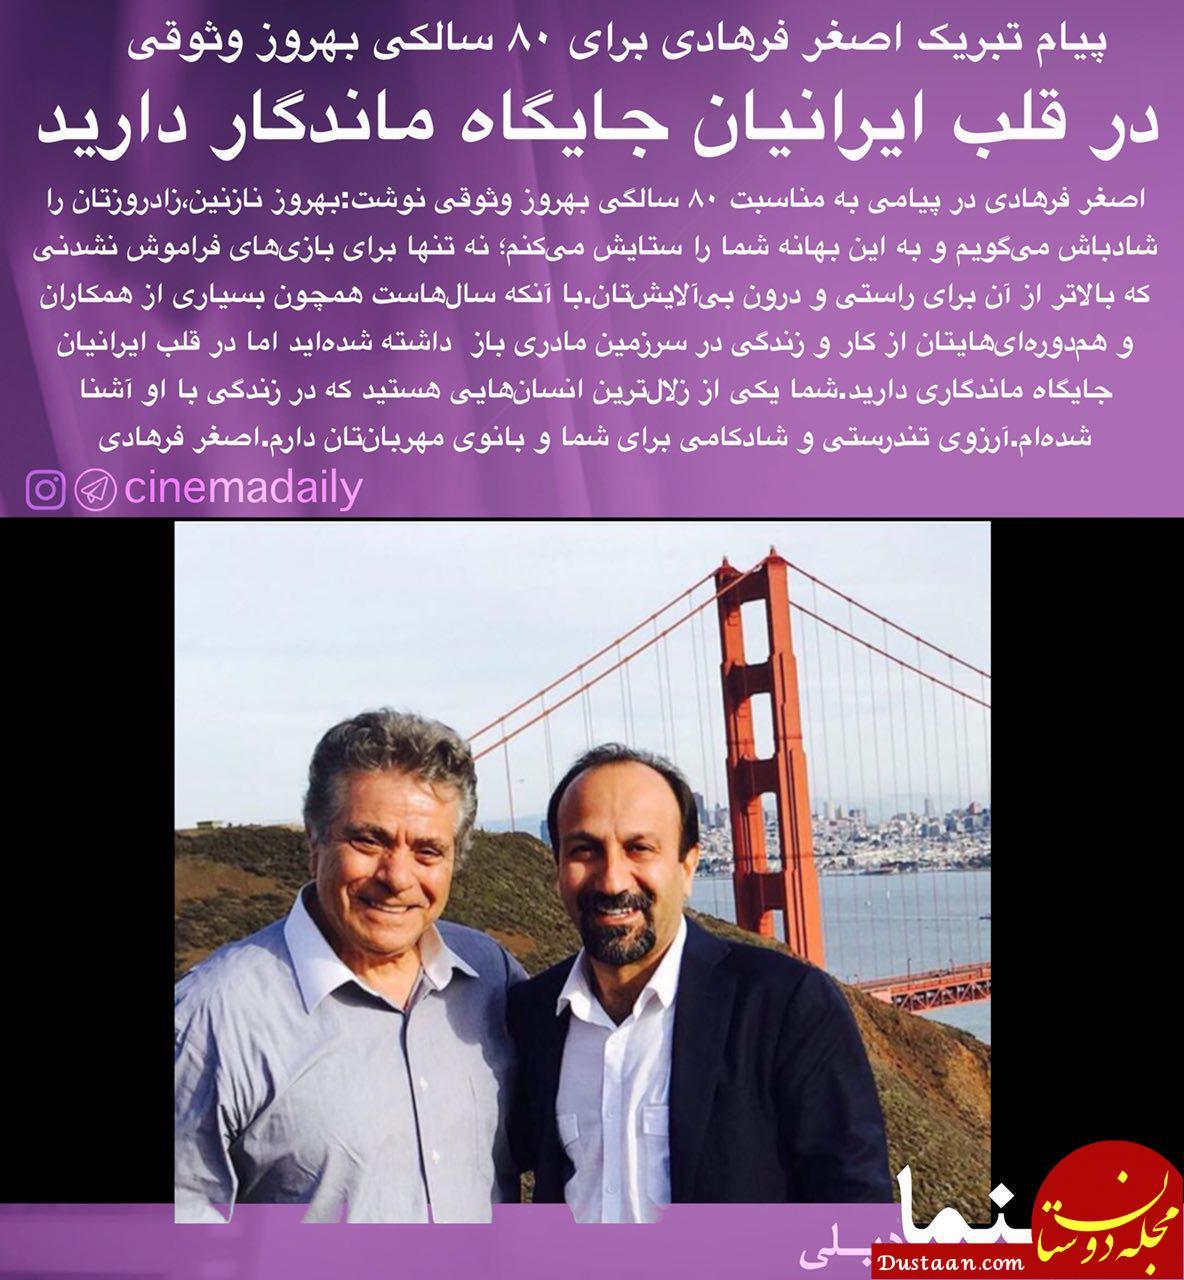 پیام اصغر فرهادی برای ۸۰ سالگی بهروز وثوقی +عکس - مجله ...